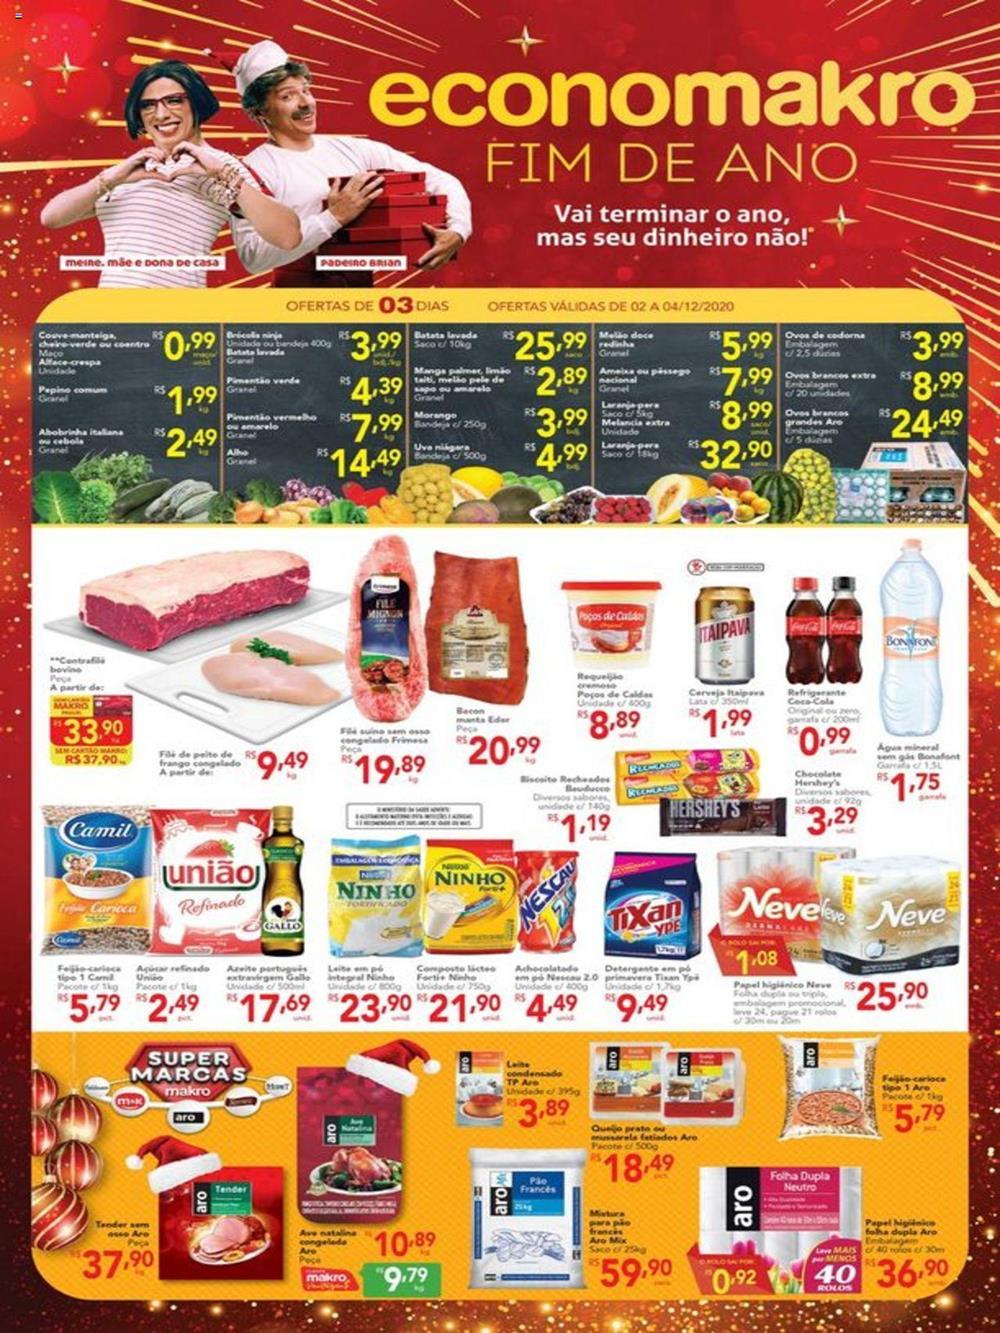 makro-ofertas-descontos-hoje1-2 Black Friday Ofertas de supermercados